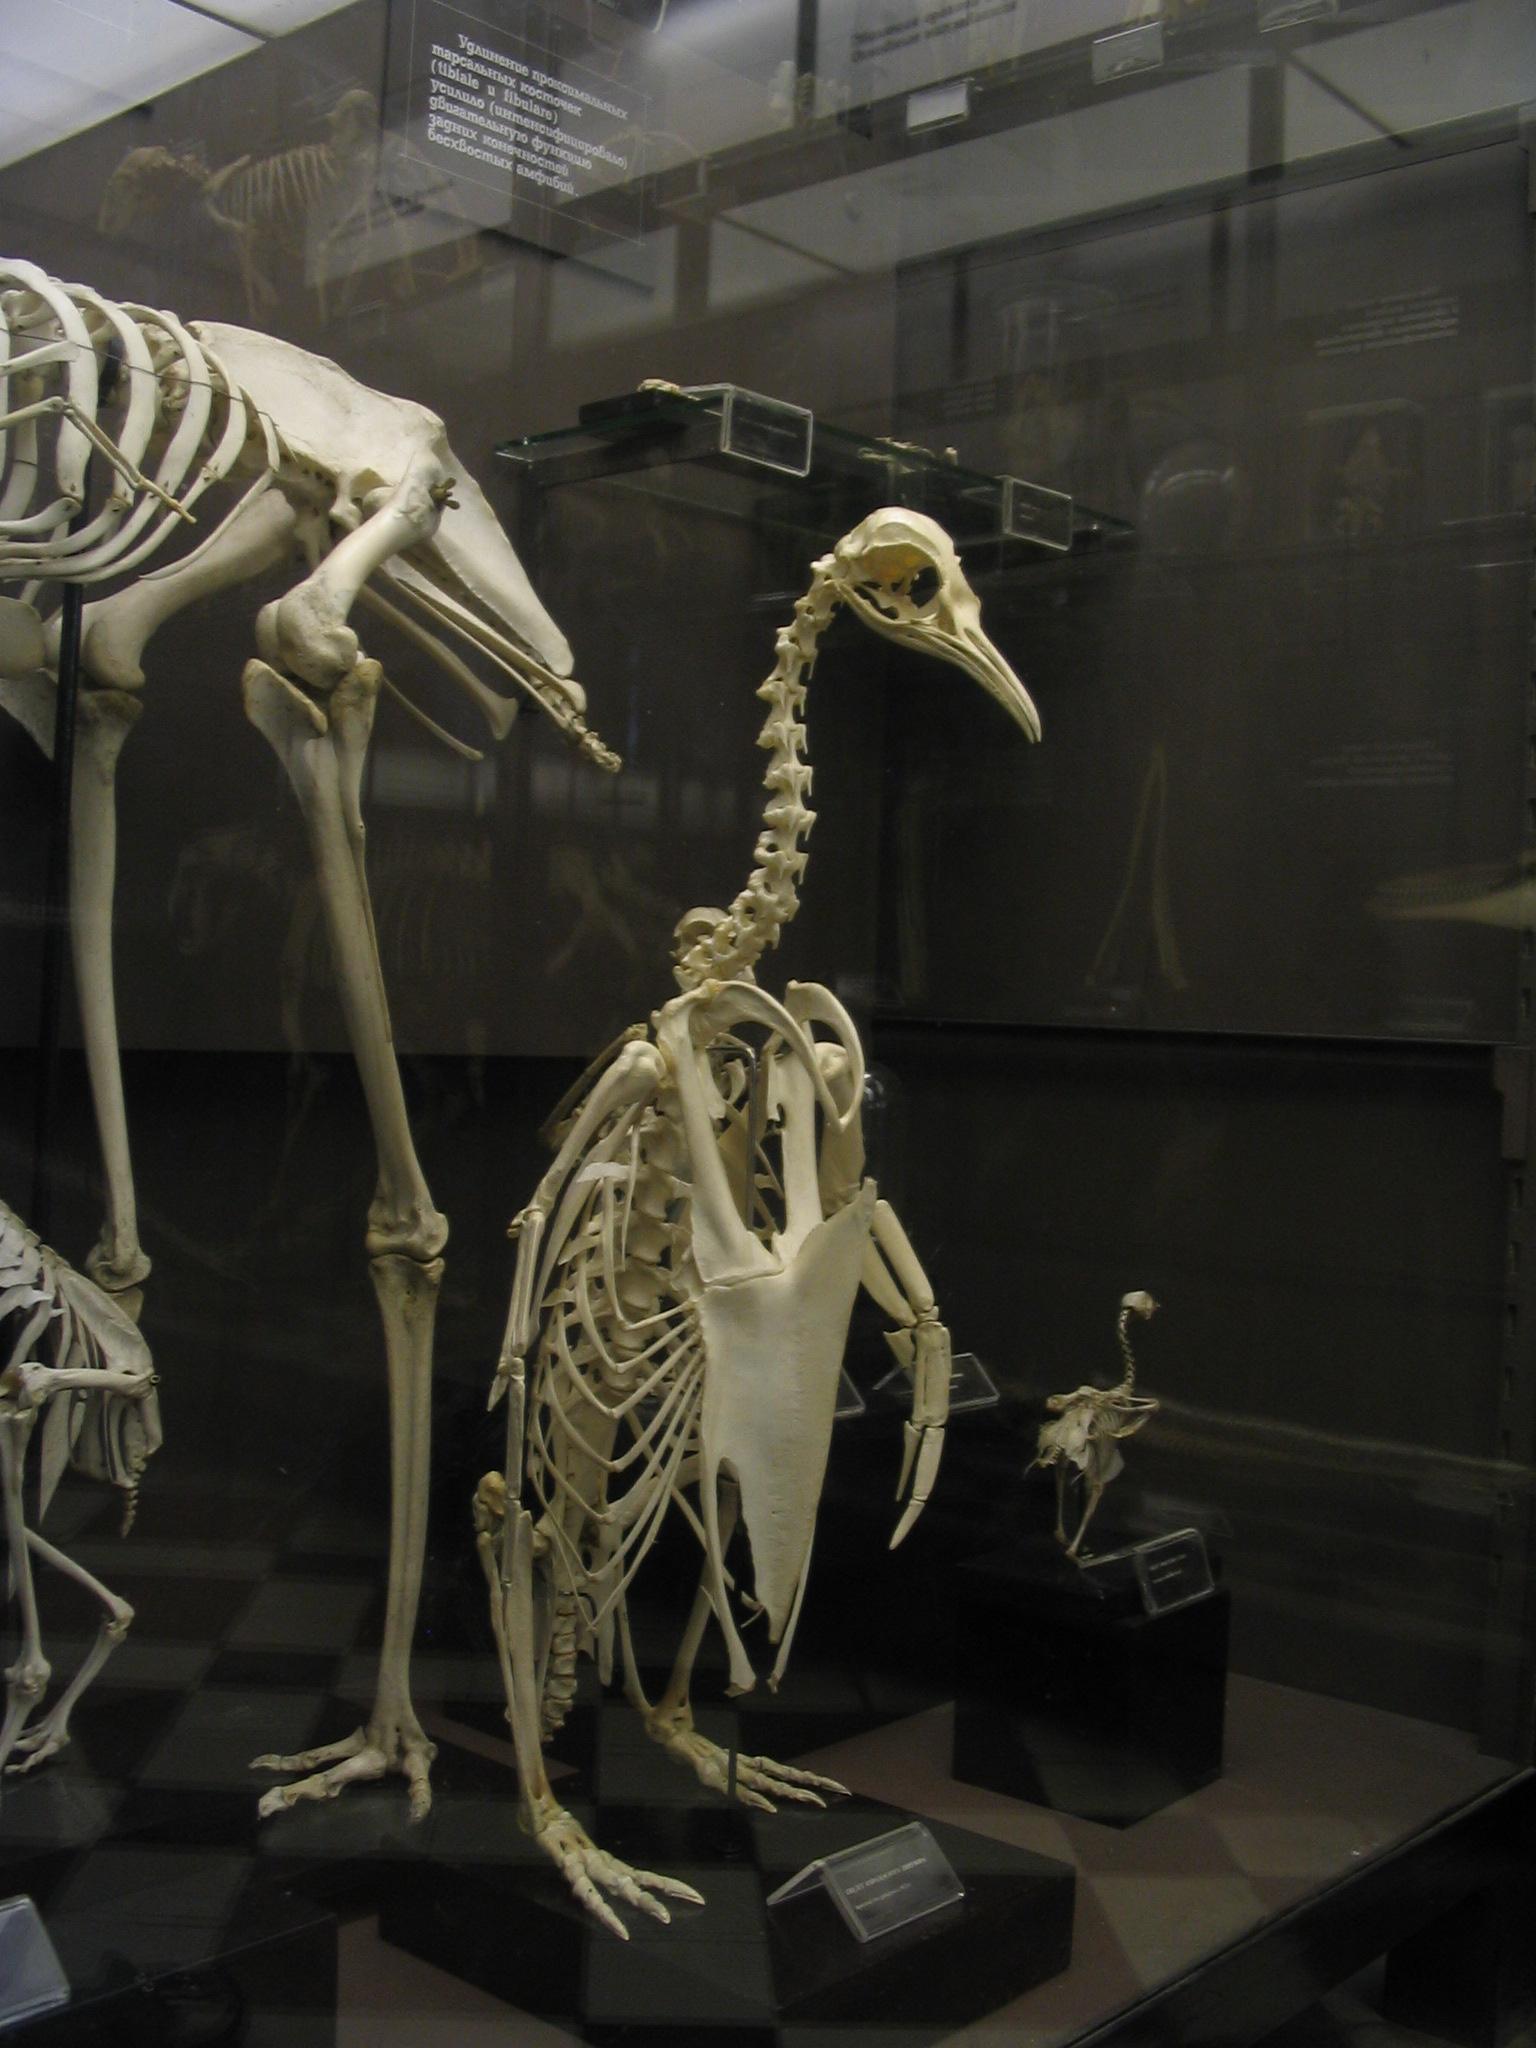 Morphable model of bird skeleton meshes